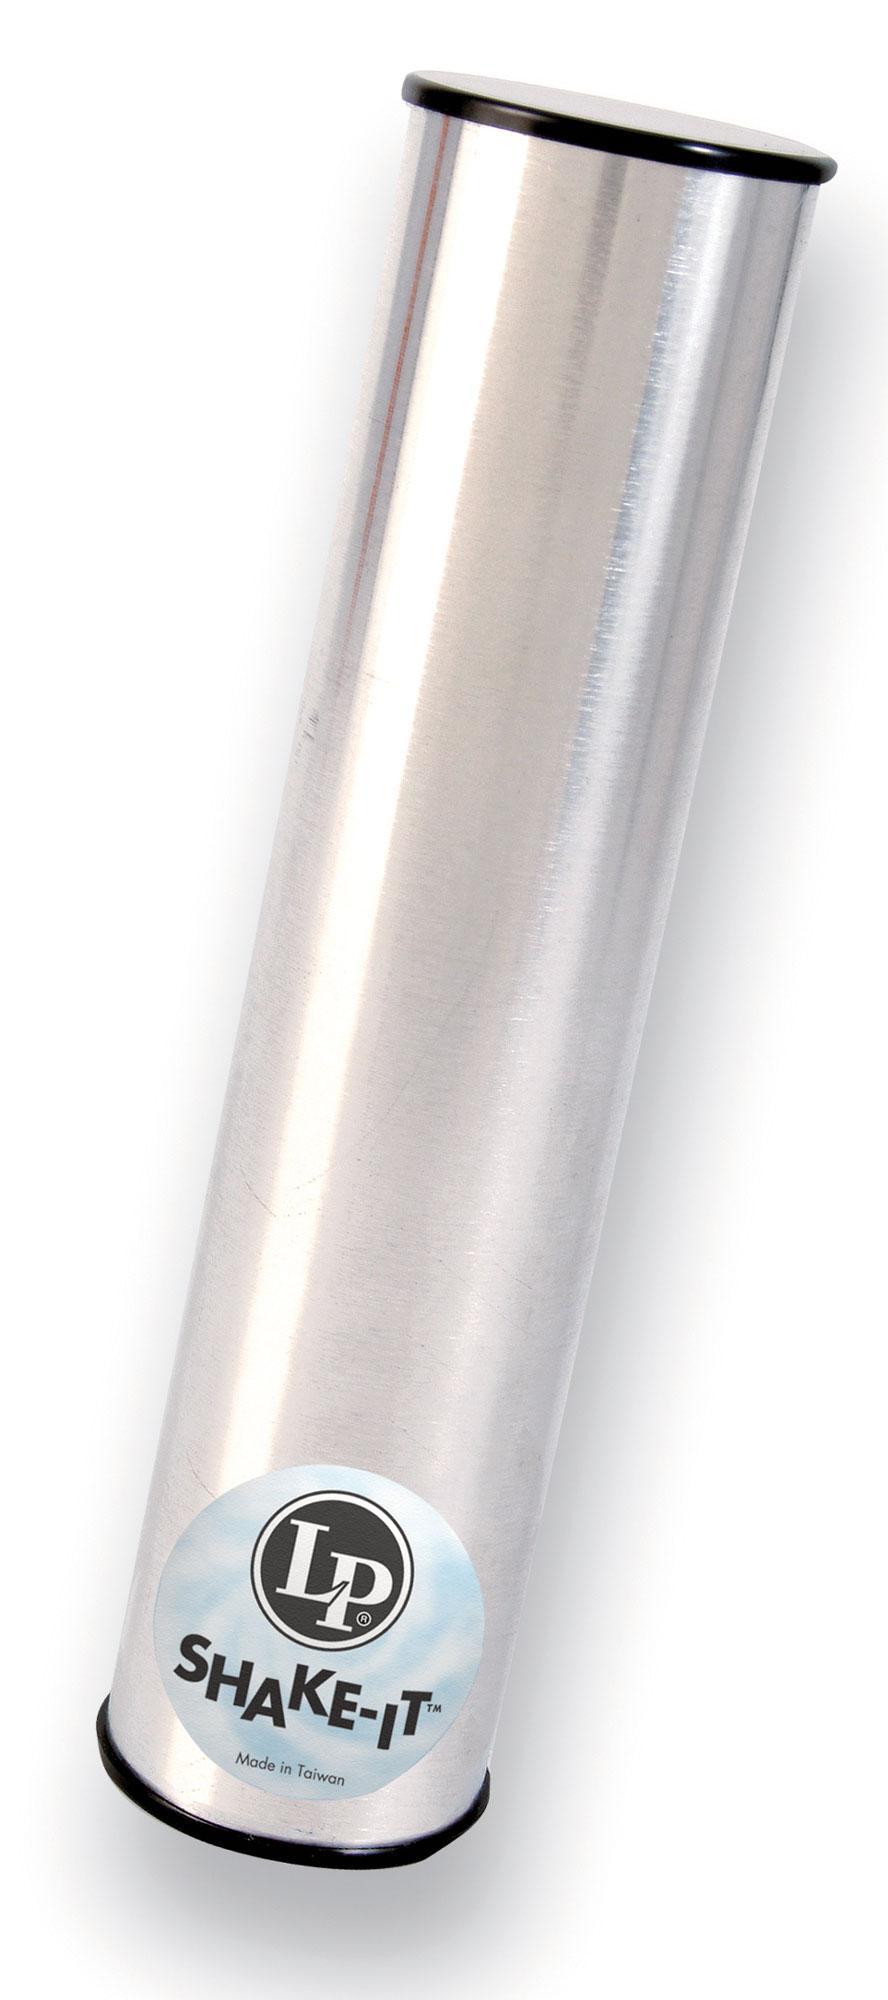 LP 440 Shake It Metall Shaker